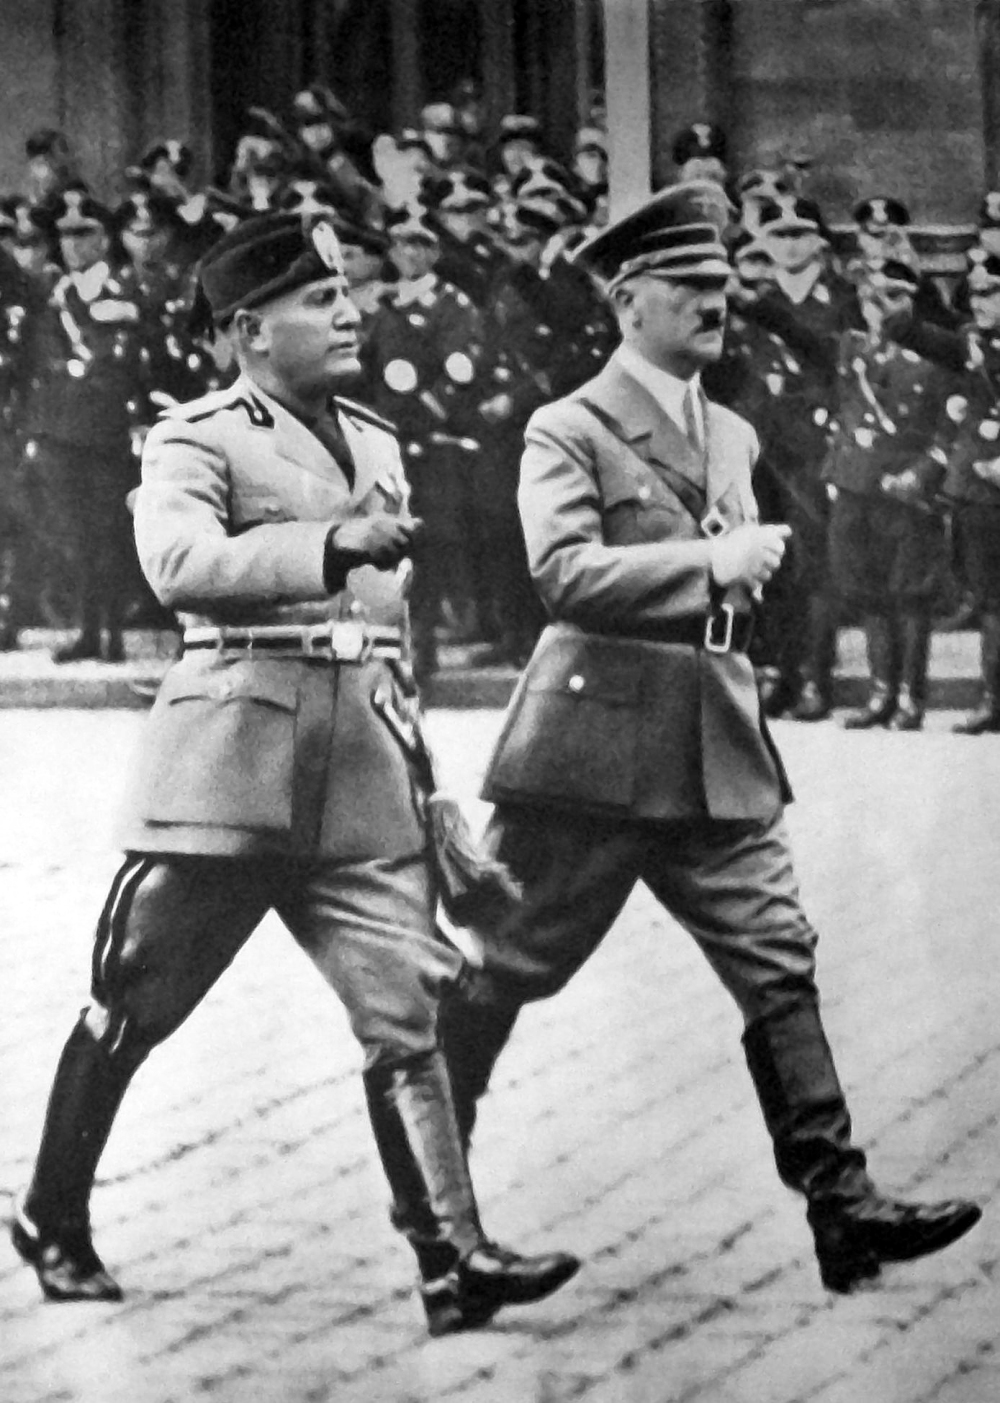 Mussolini_a_Hitler_-_Berlín_1937[1990].jpg